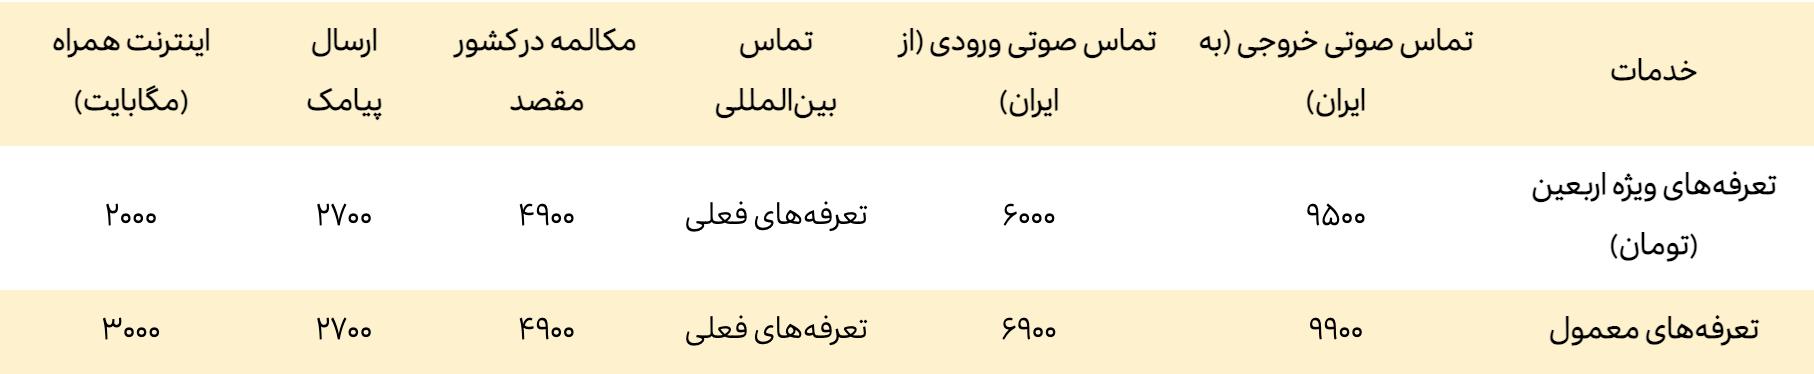 تعرفۀ ویژۀ رومینگ ایرانسل برای اربعین ۱۴۰۰